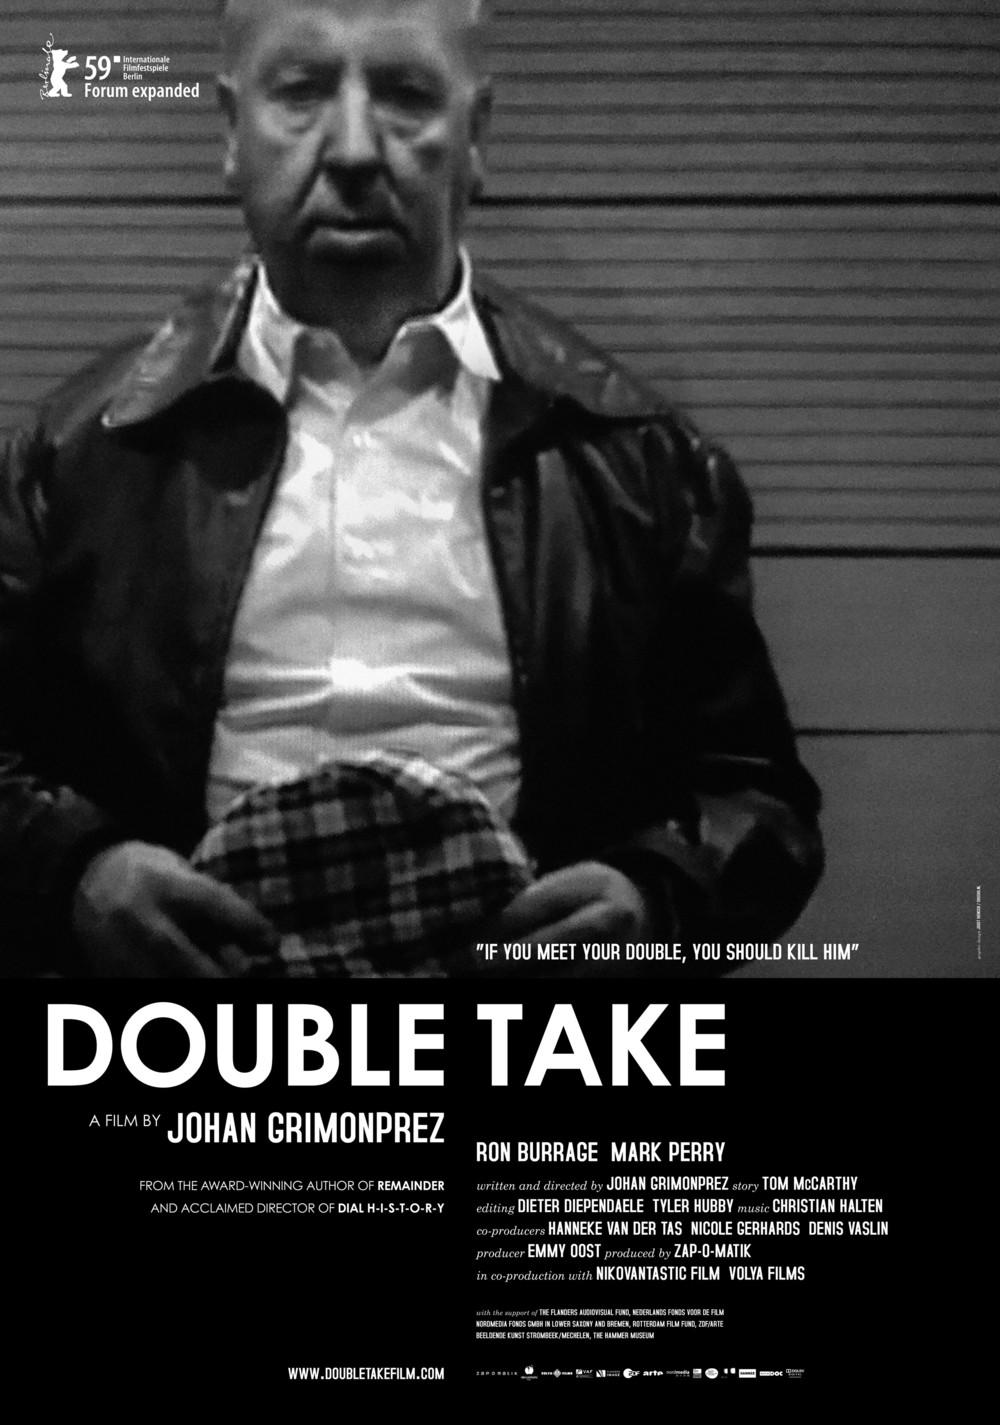 A4-Double Take_H.jpg